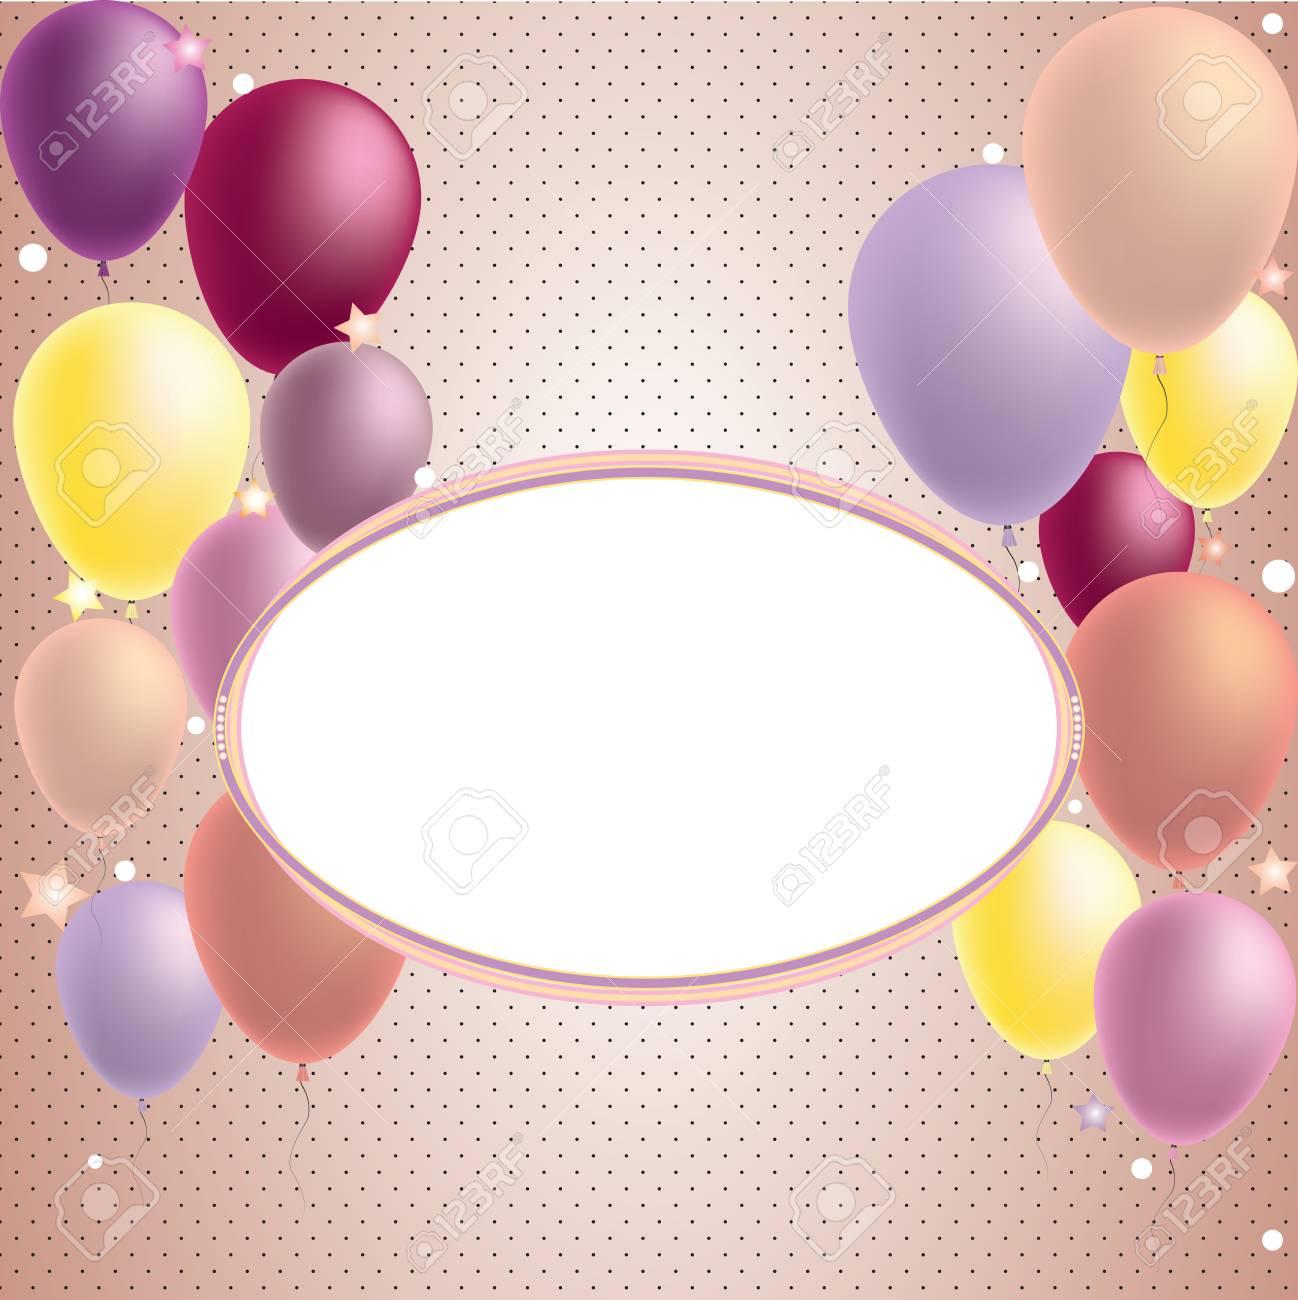 Tarjeta De Invitación De Globo De Feliz Cumpleaños Y Fiesta Con Lugar Para Texto